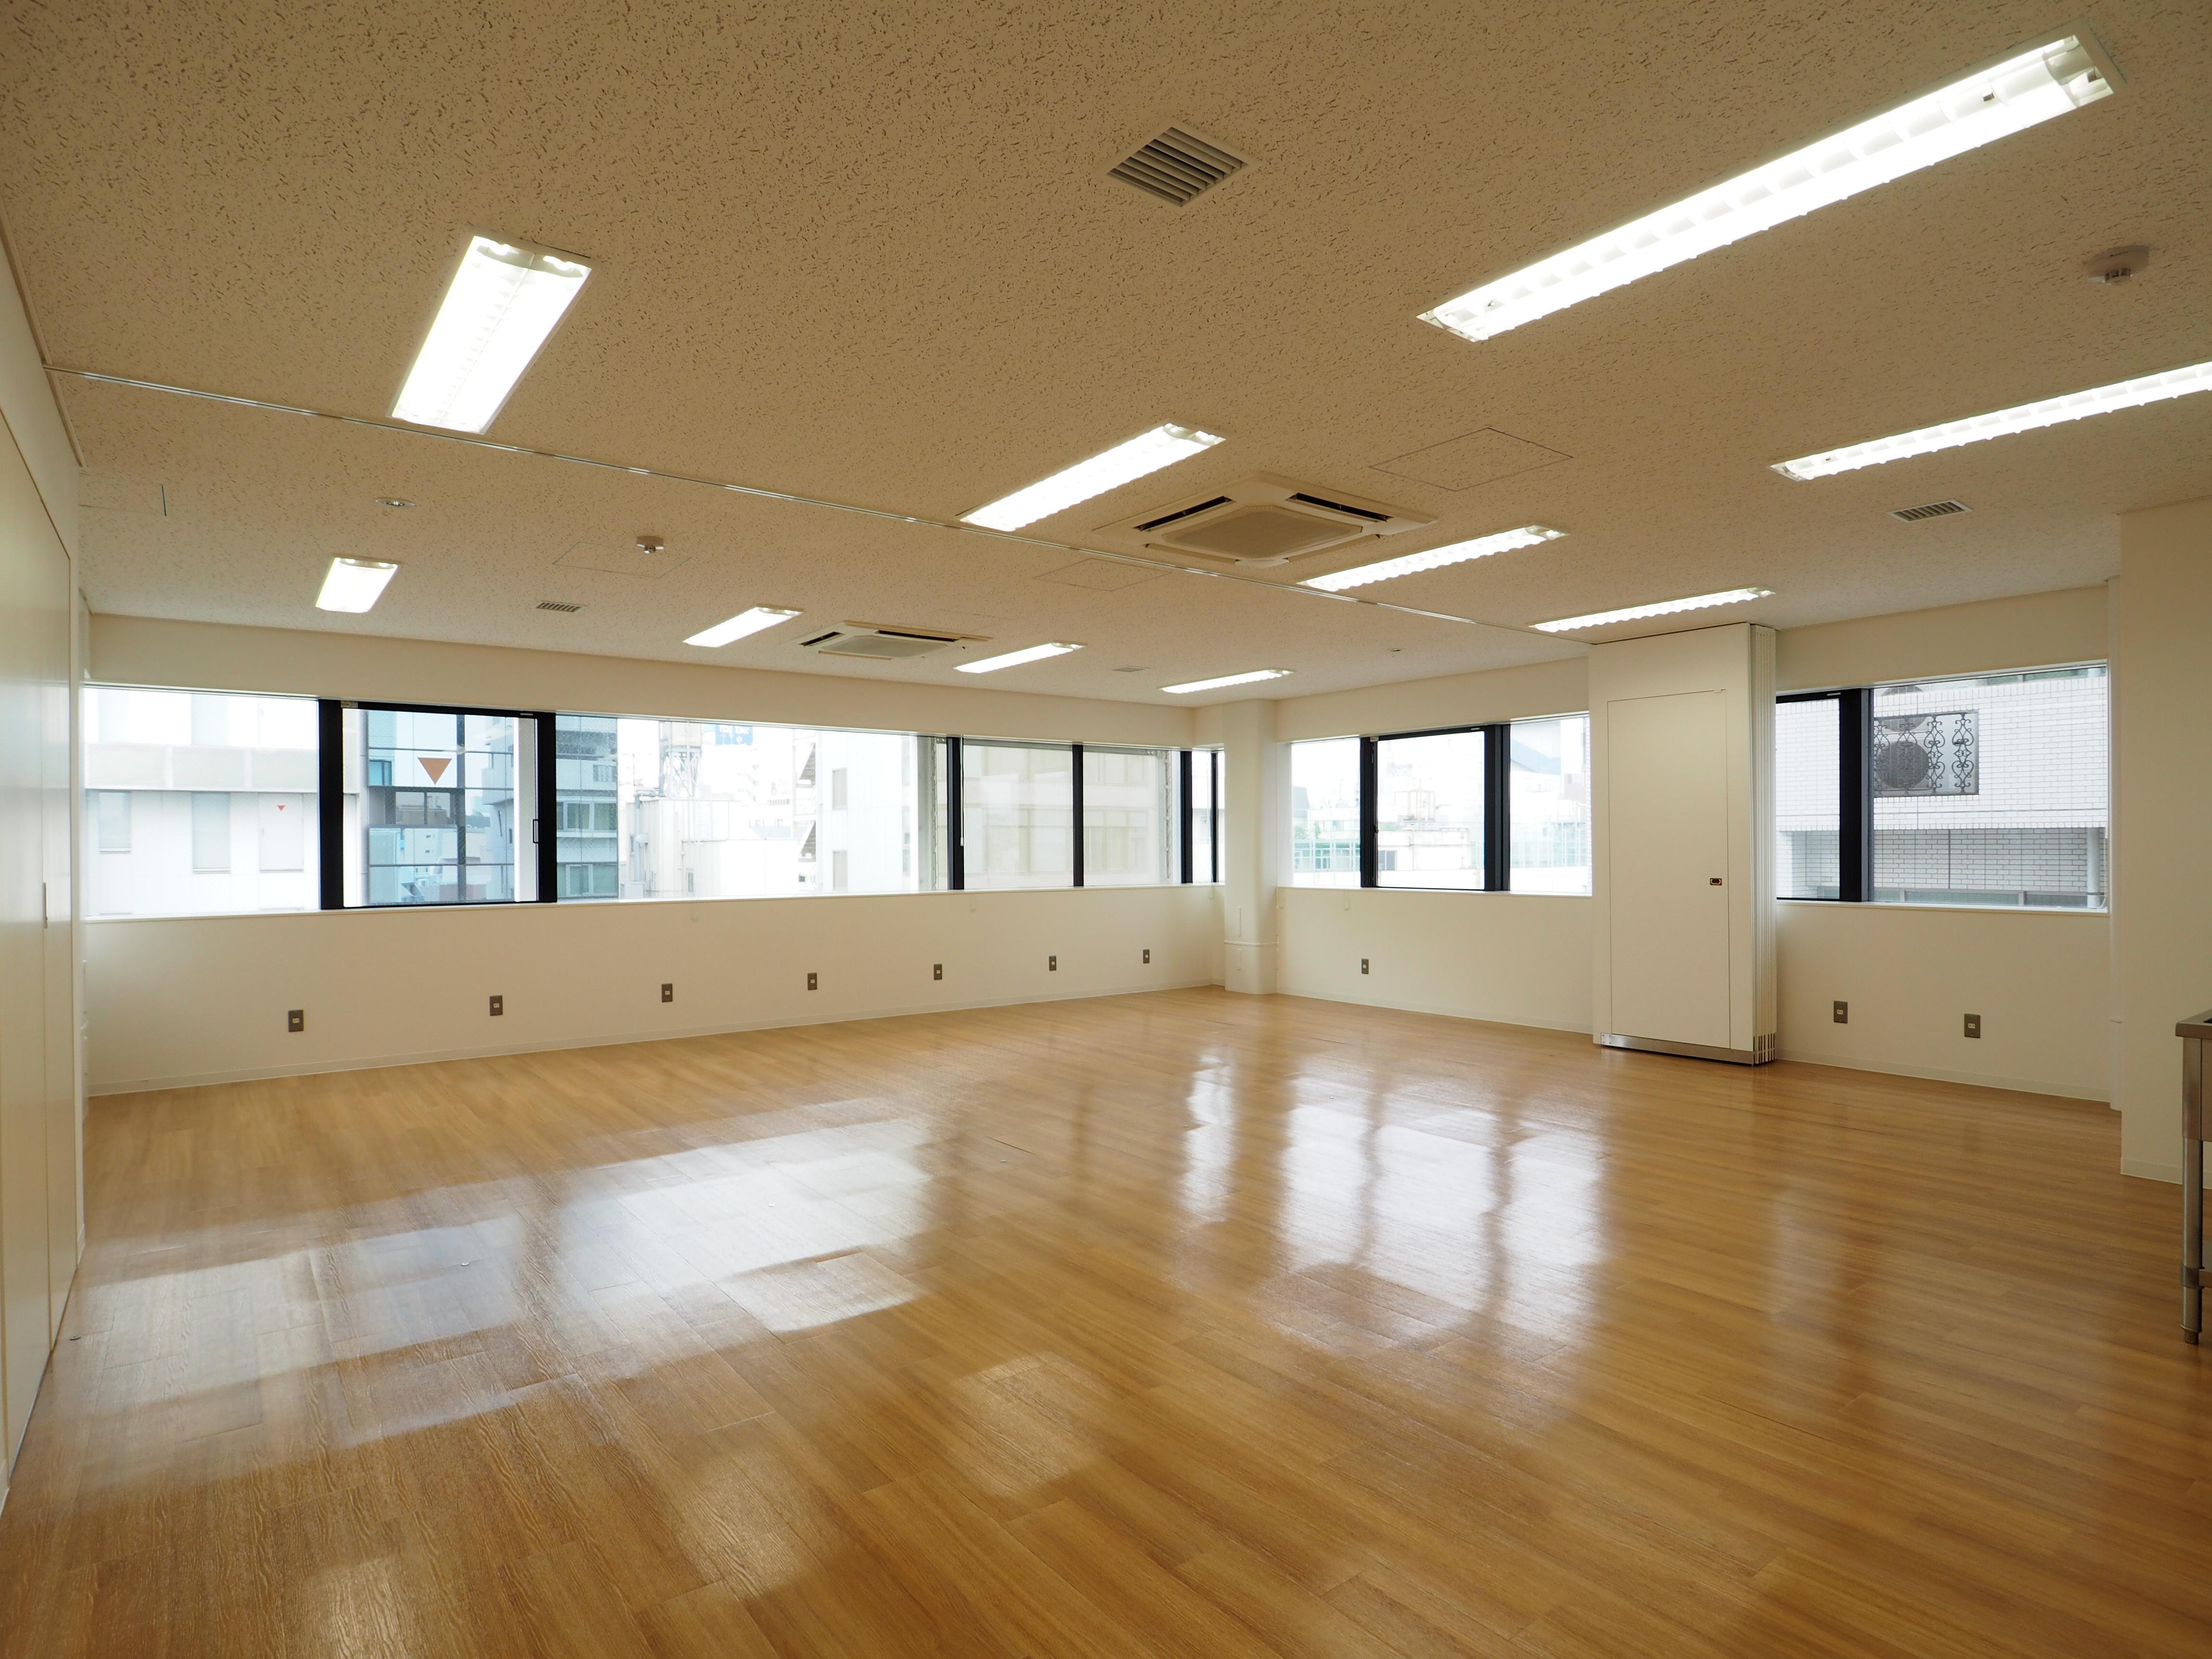 トレーニングスタジオ(新宿)の写真です